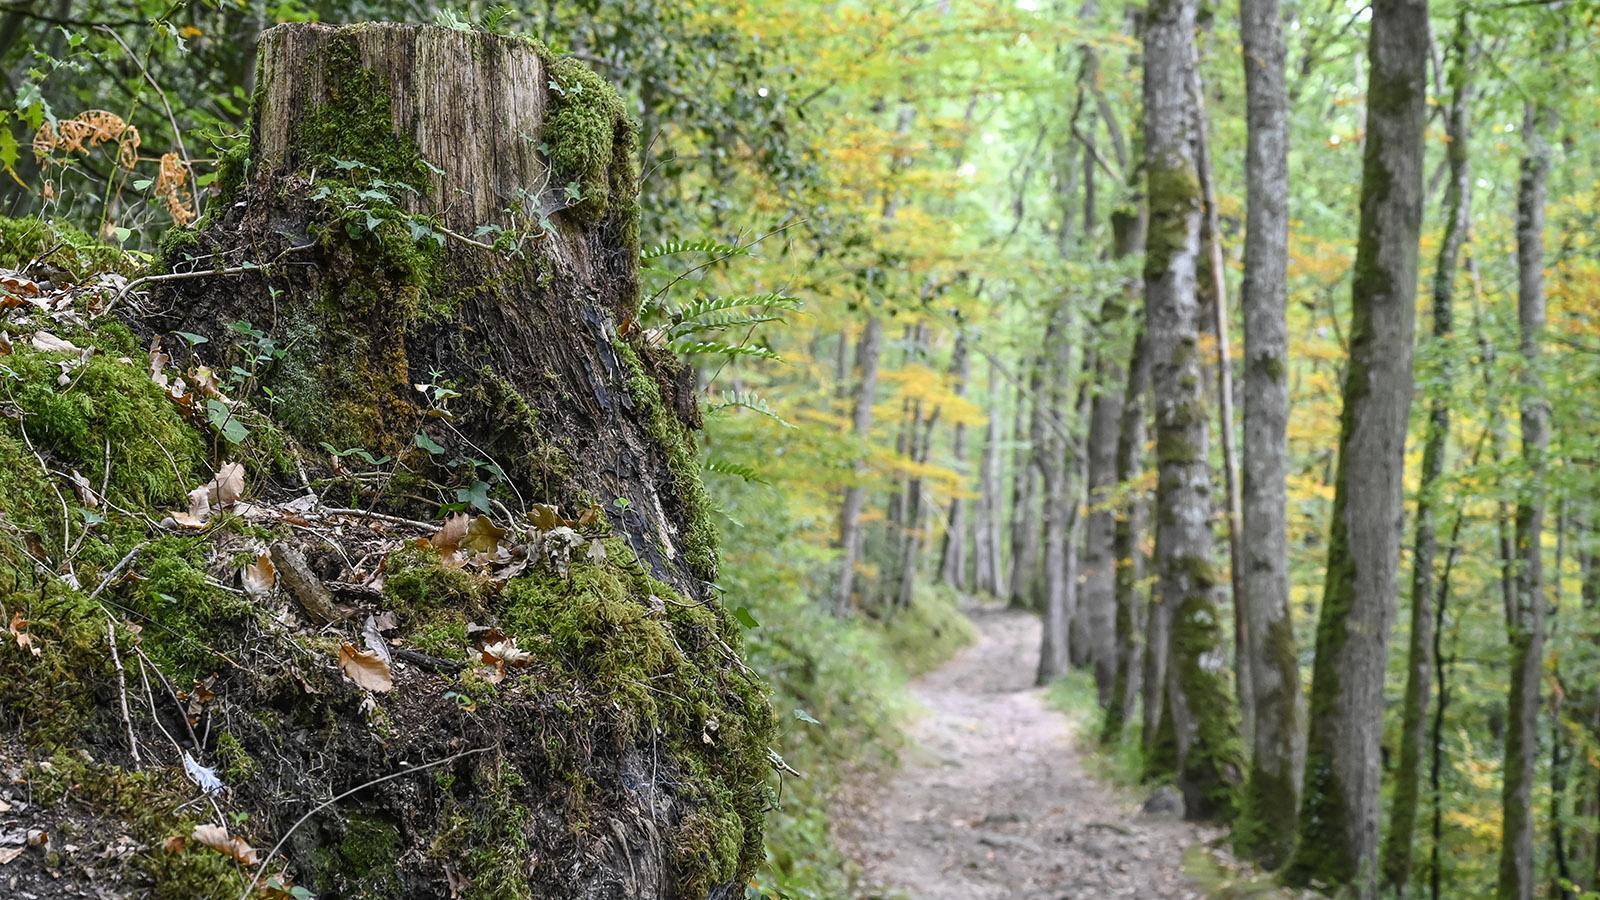 Laubbäume wie Linde, Buche und Eiche prägen die Wälder der Normannischen Schweiz. Foto: Hilke Maunder